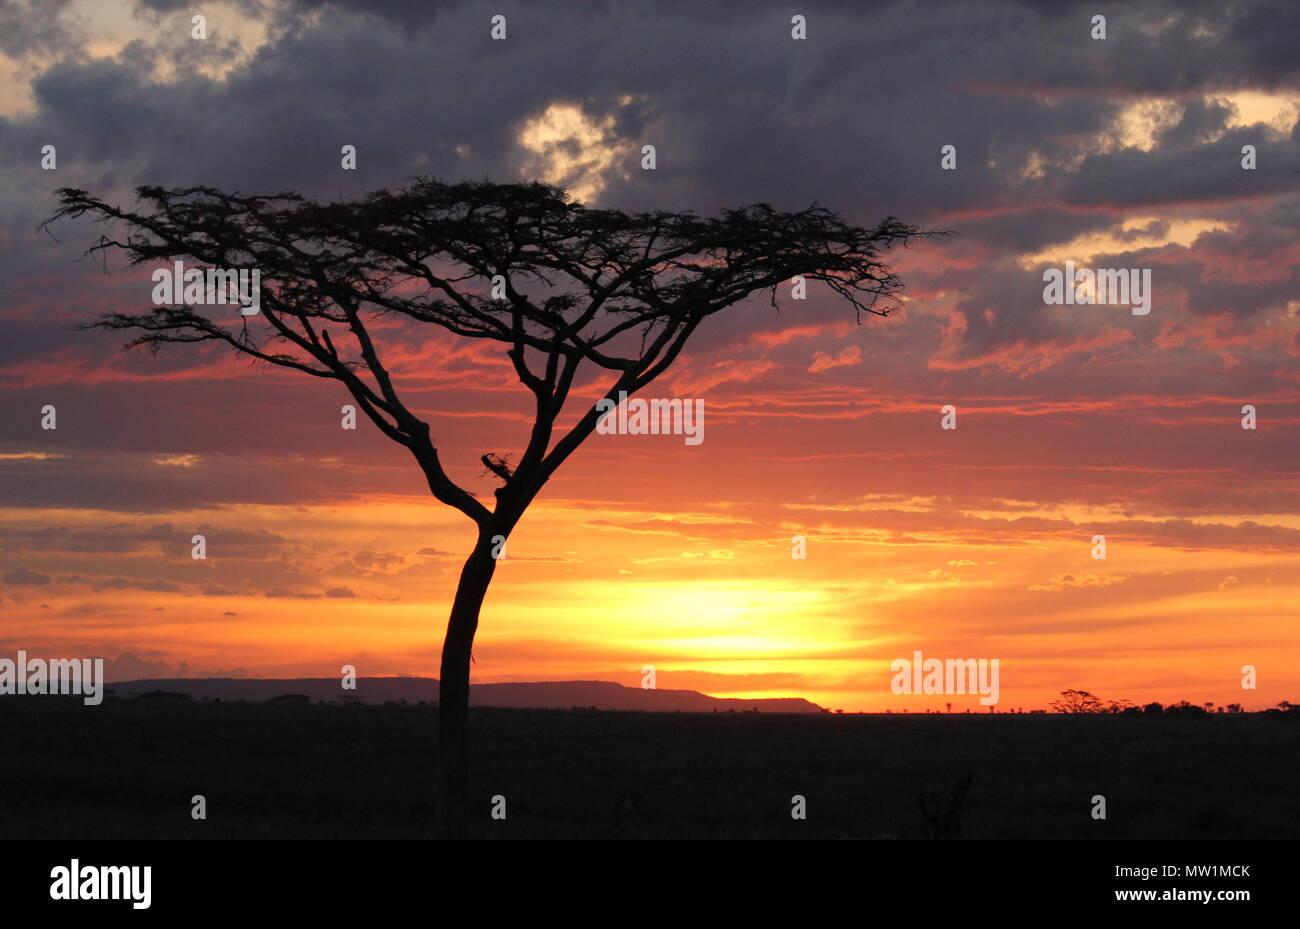 Le ombre degli alberi nella parte anteriore del tramonto sulla savana africana Immagini Stock